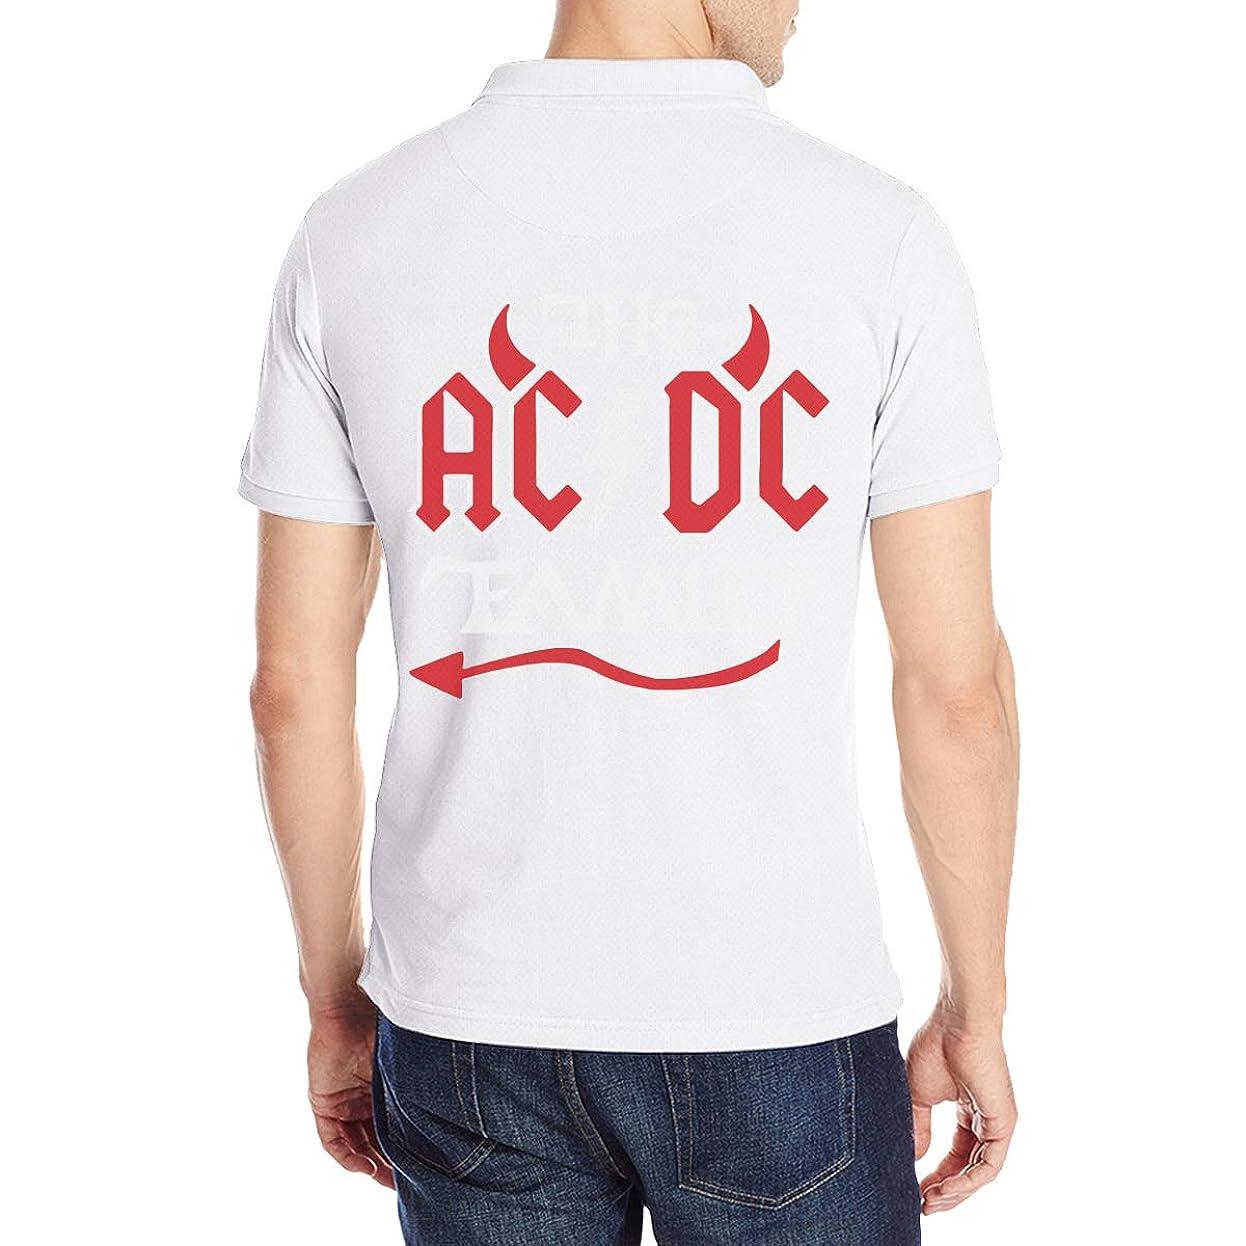 平等仮定するマウンド半袖 ポロシャツ メンズ 大きいサイズ ロゴ プリント クラシック ACDC バンド Poloシャツ 軽量 吸汗通気 Tシャツ バックプリント 抗菌防臭 カジュアル シャツ シンプル 通気性 おしゃれ S-2XL